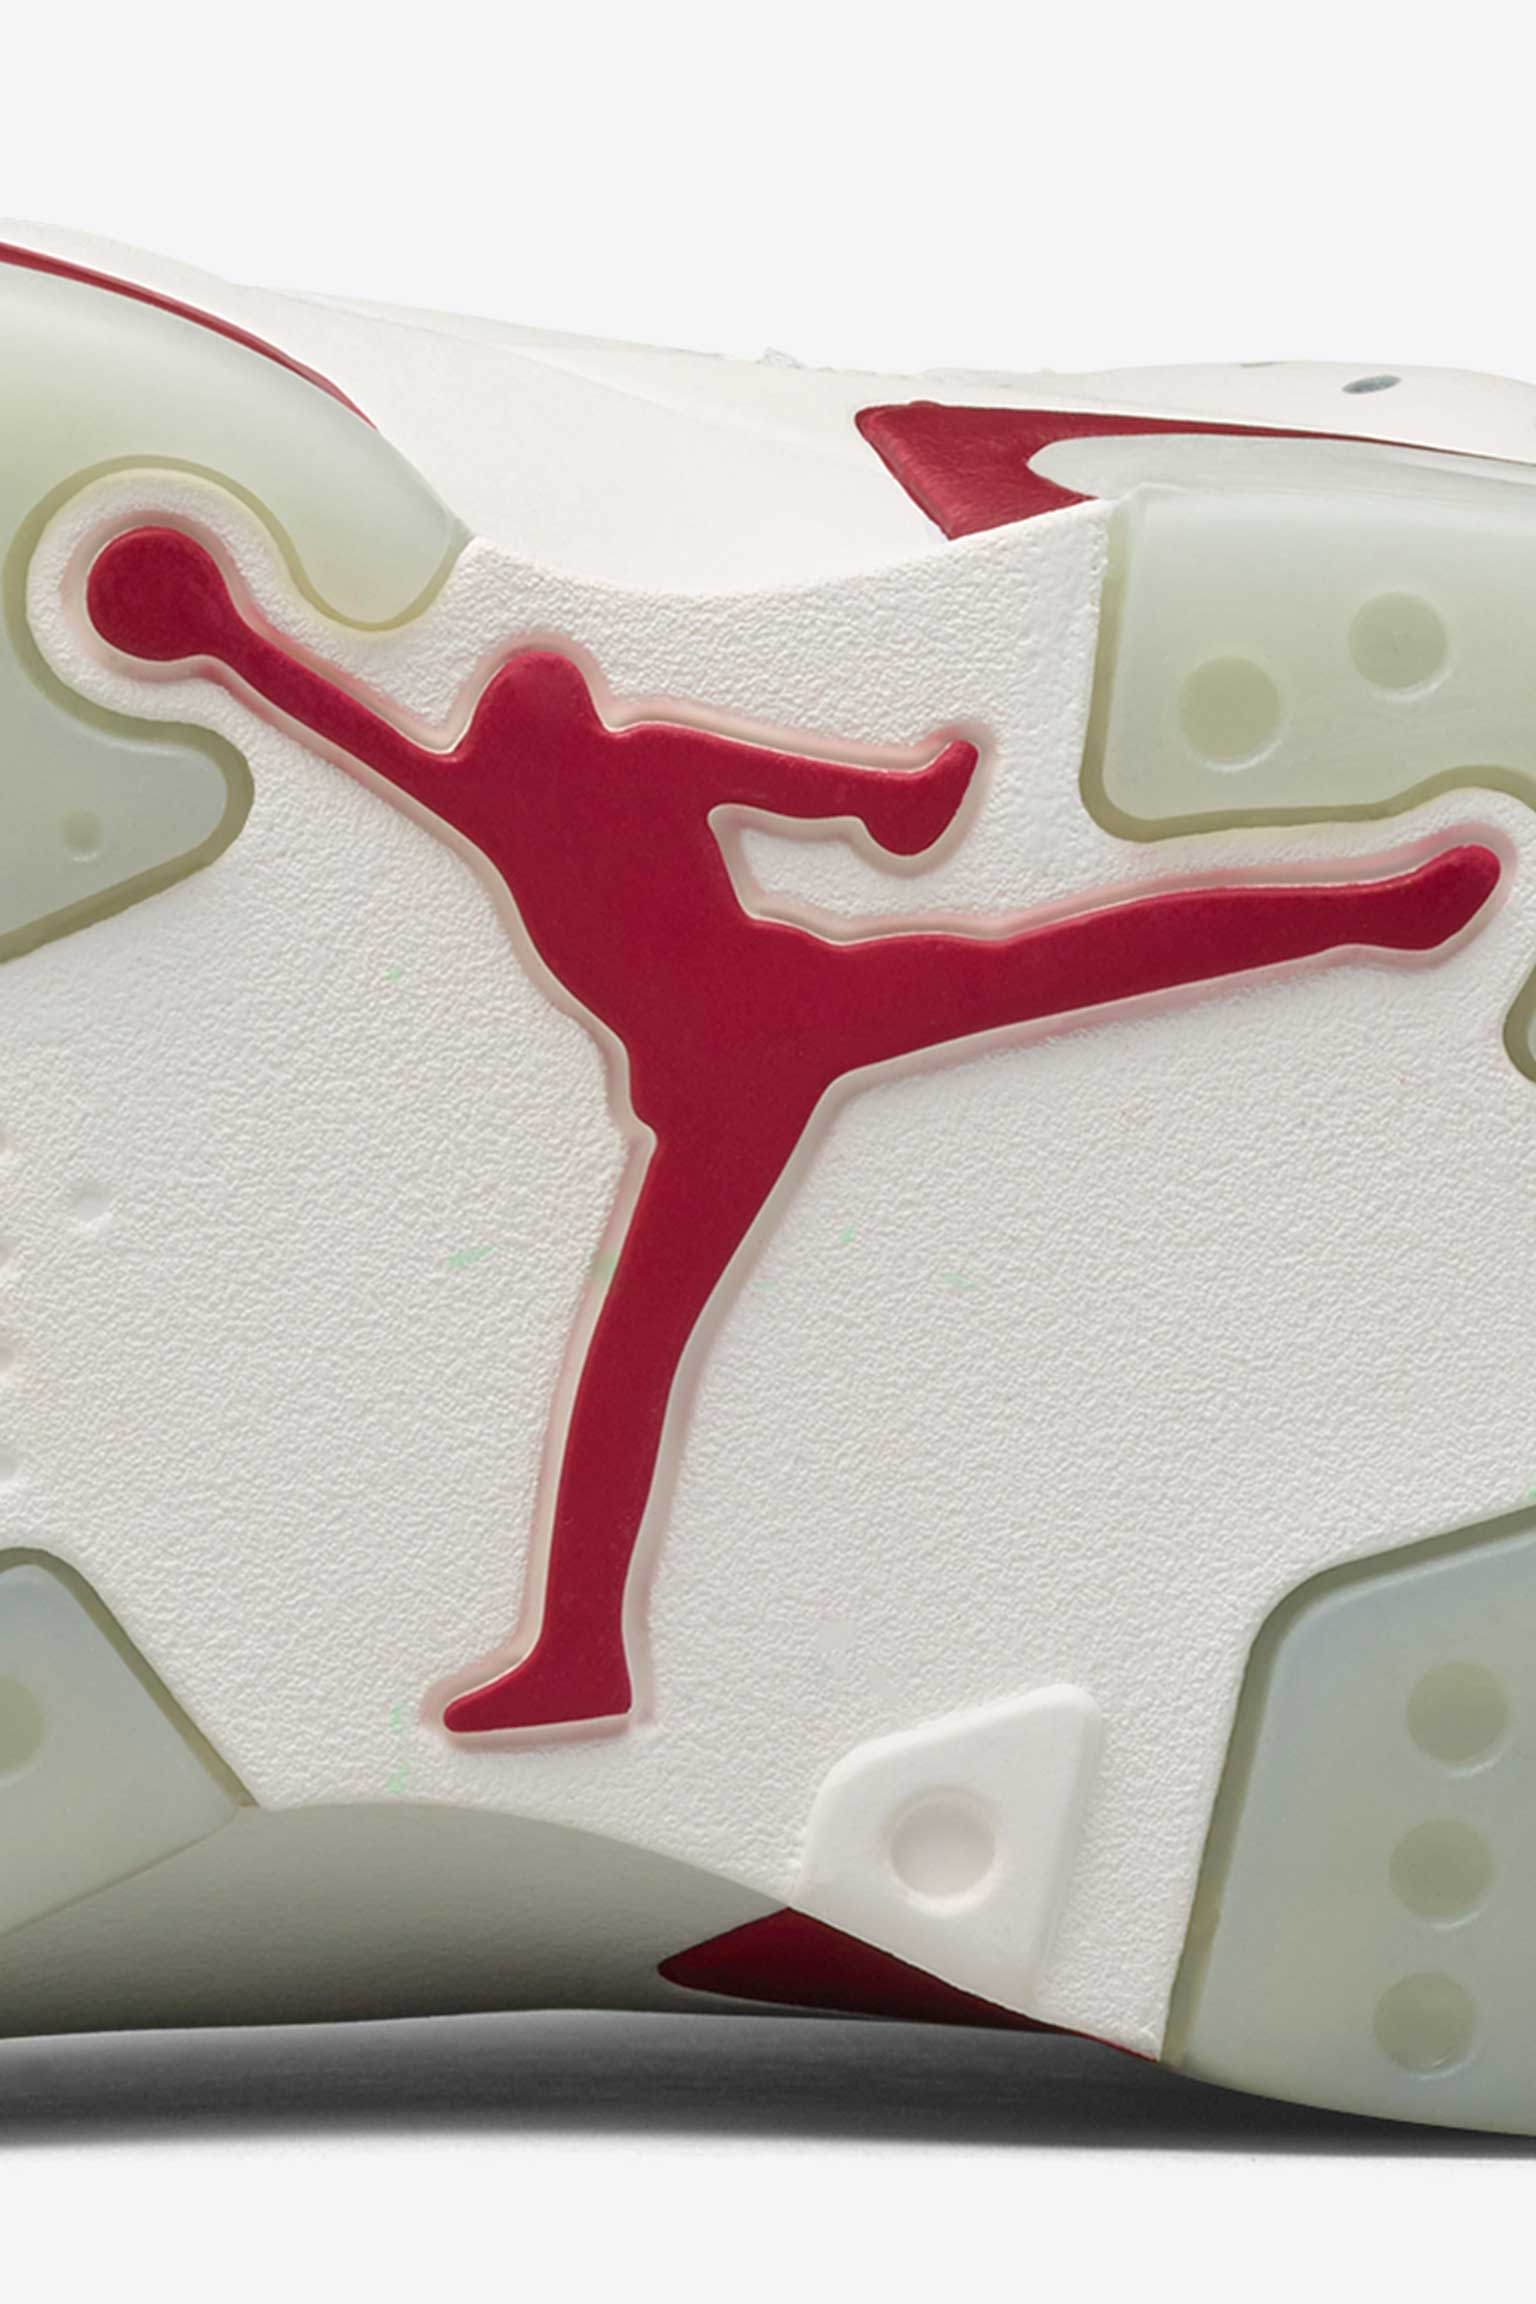 Air Jordan 6 Retro 'Maroon' Release Date